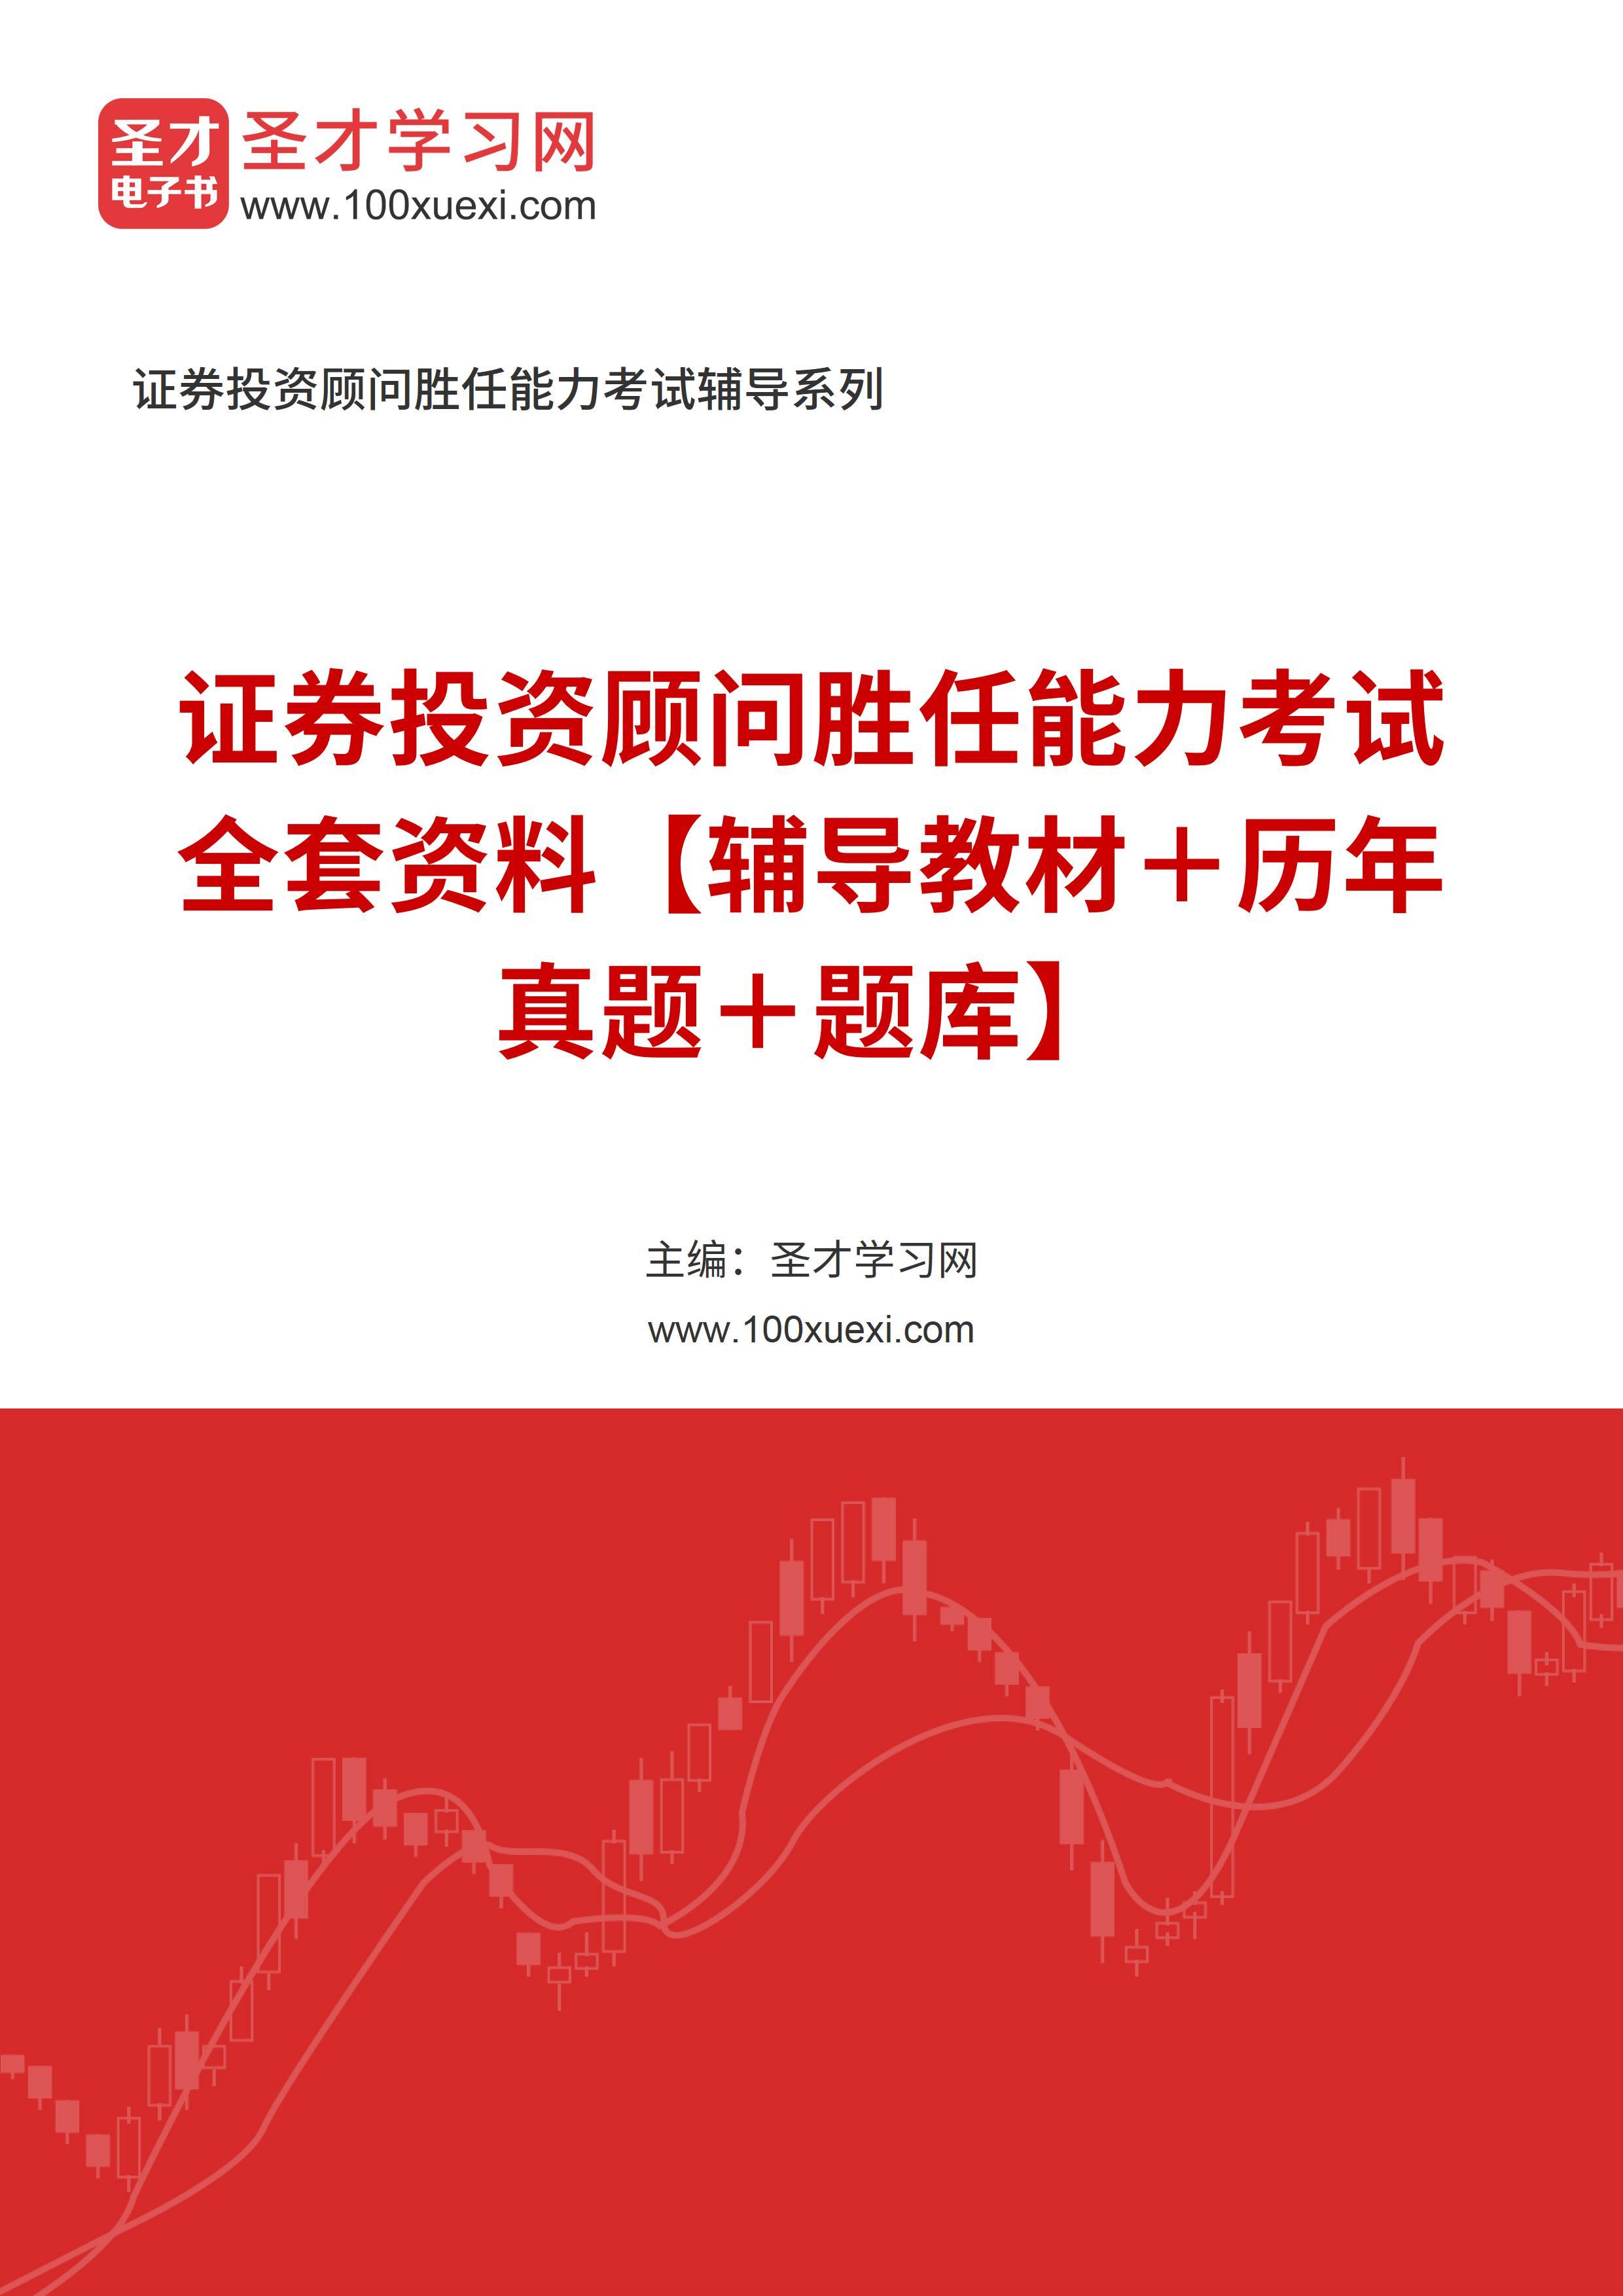 2021年证券投资顾问胜任能力考试全套资料【辅导教材+历年真题+题库】